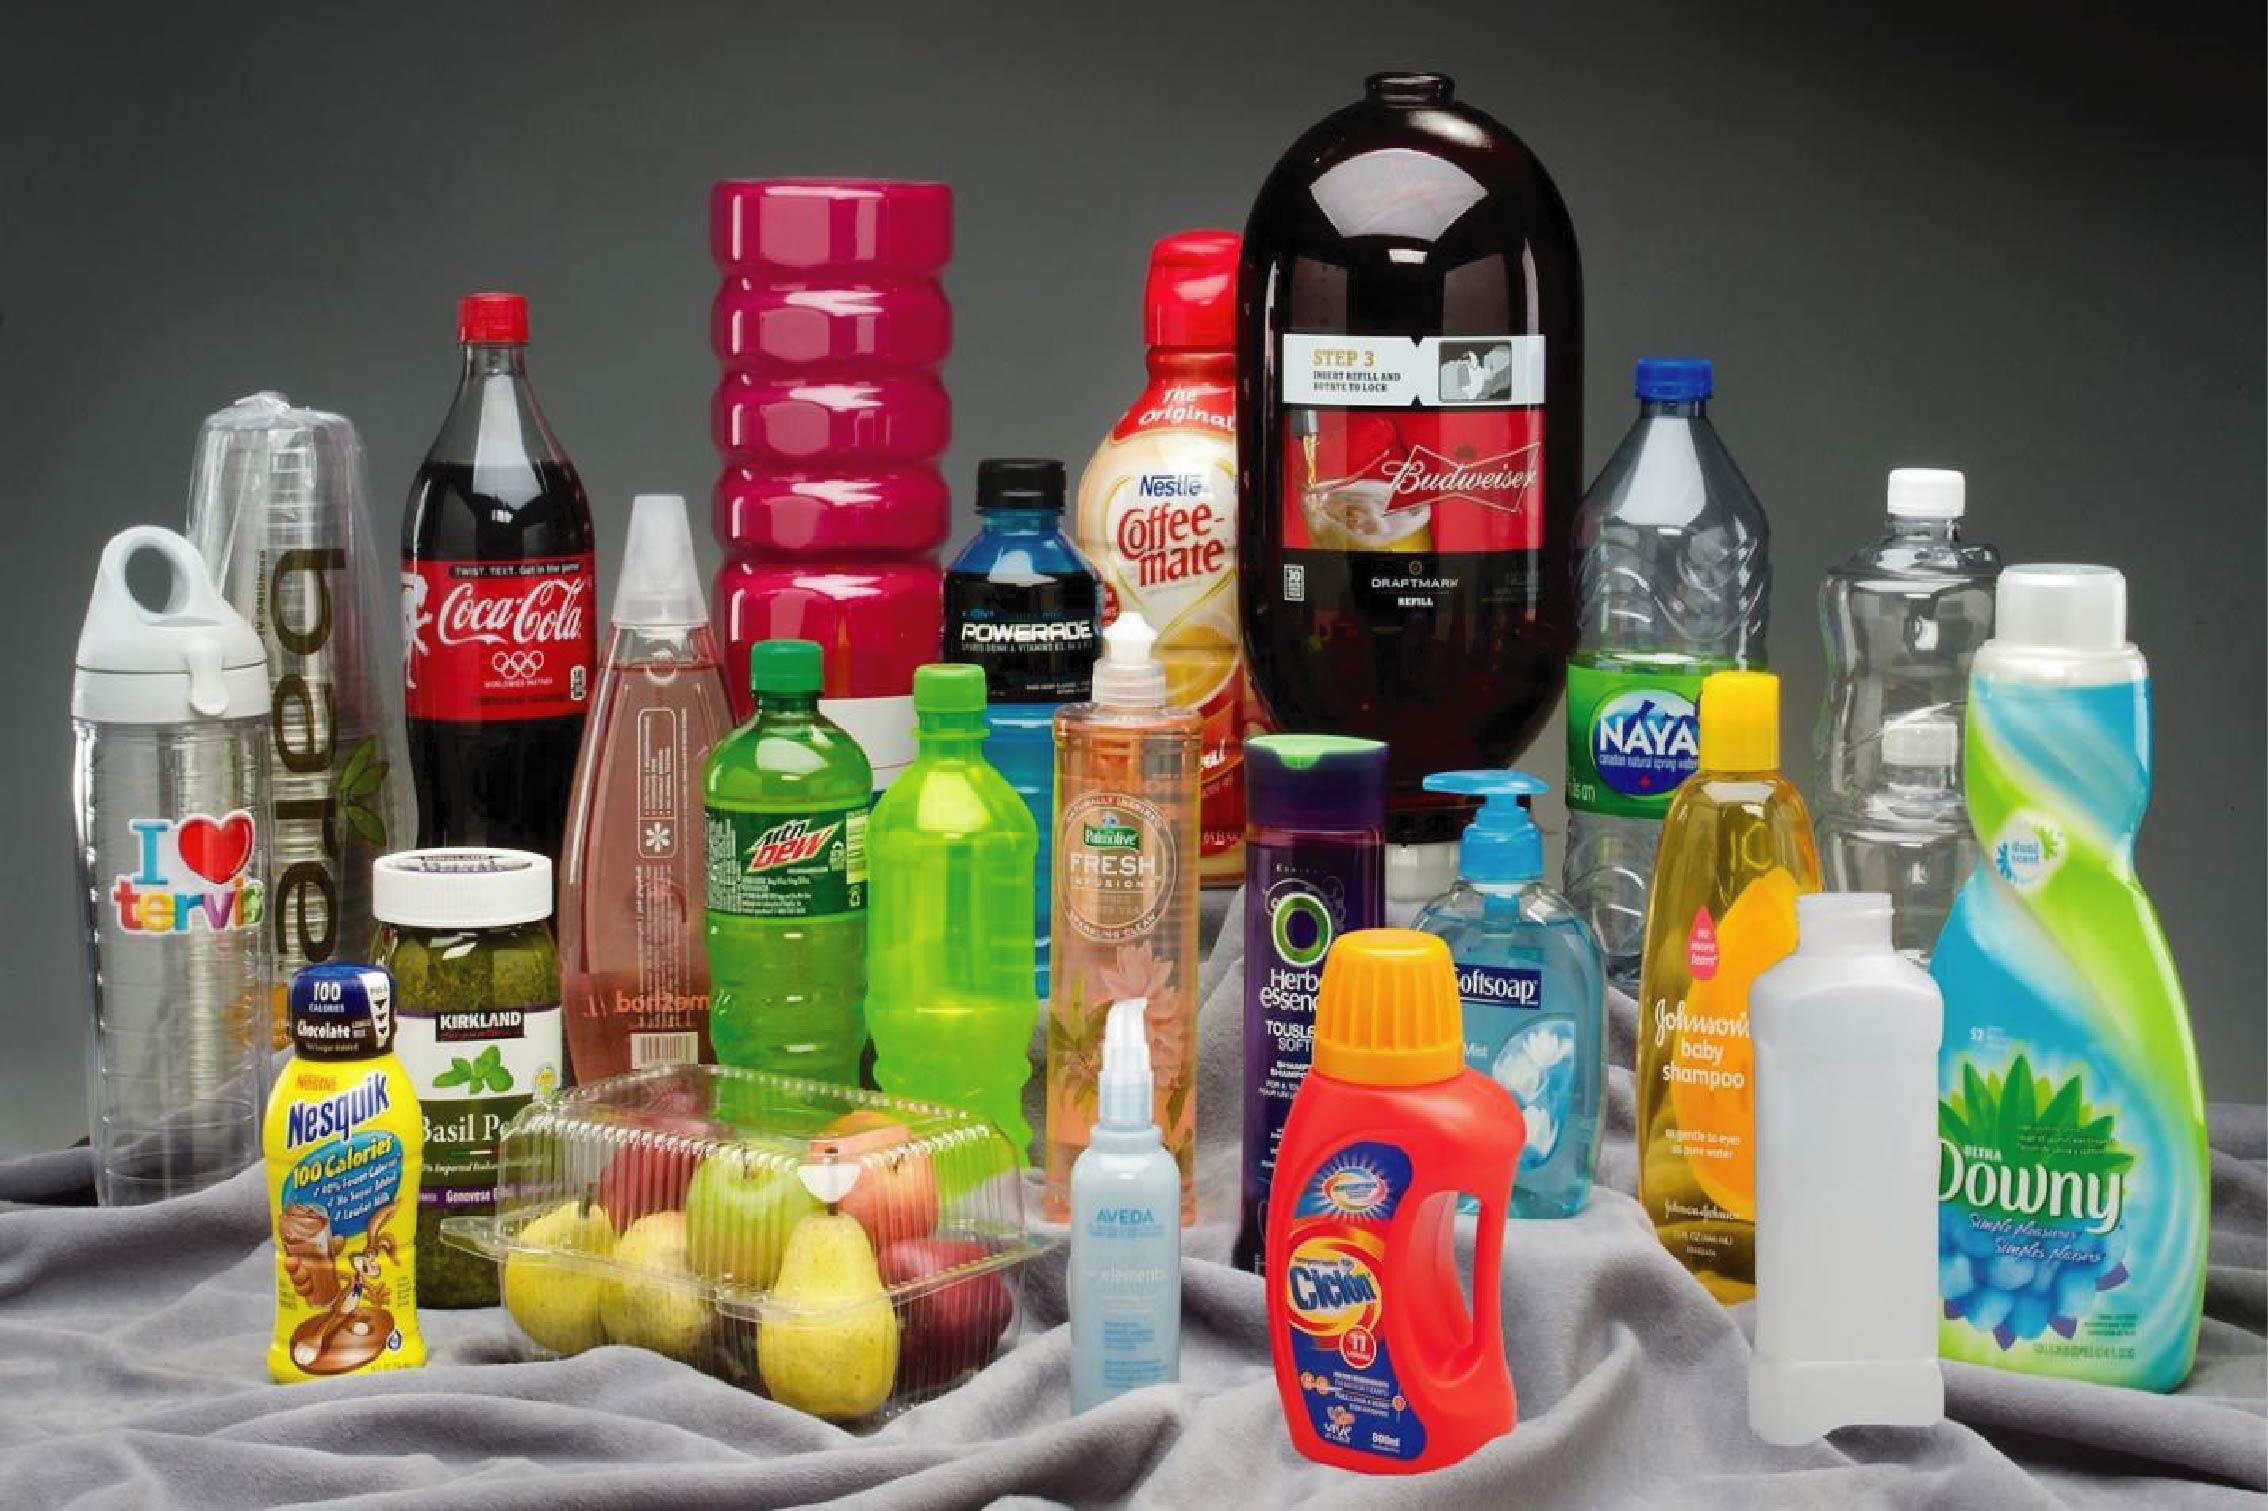 Bao bì nhựa PC (Polycarbonat) - bao bì nhựa ngành thực phẩm